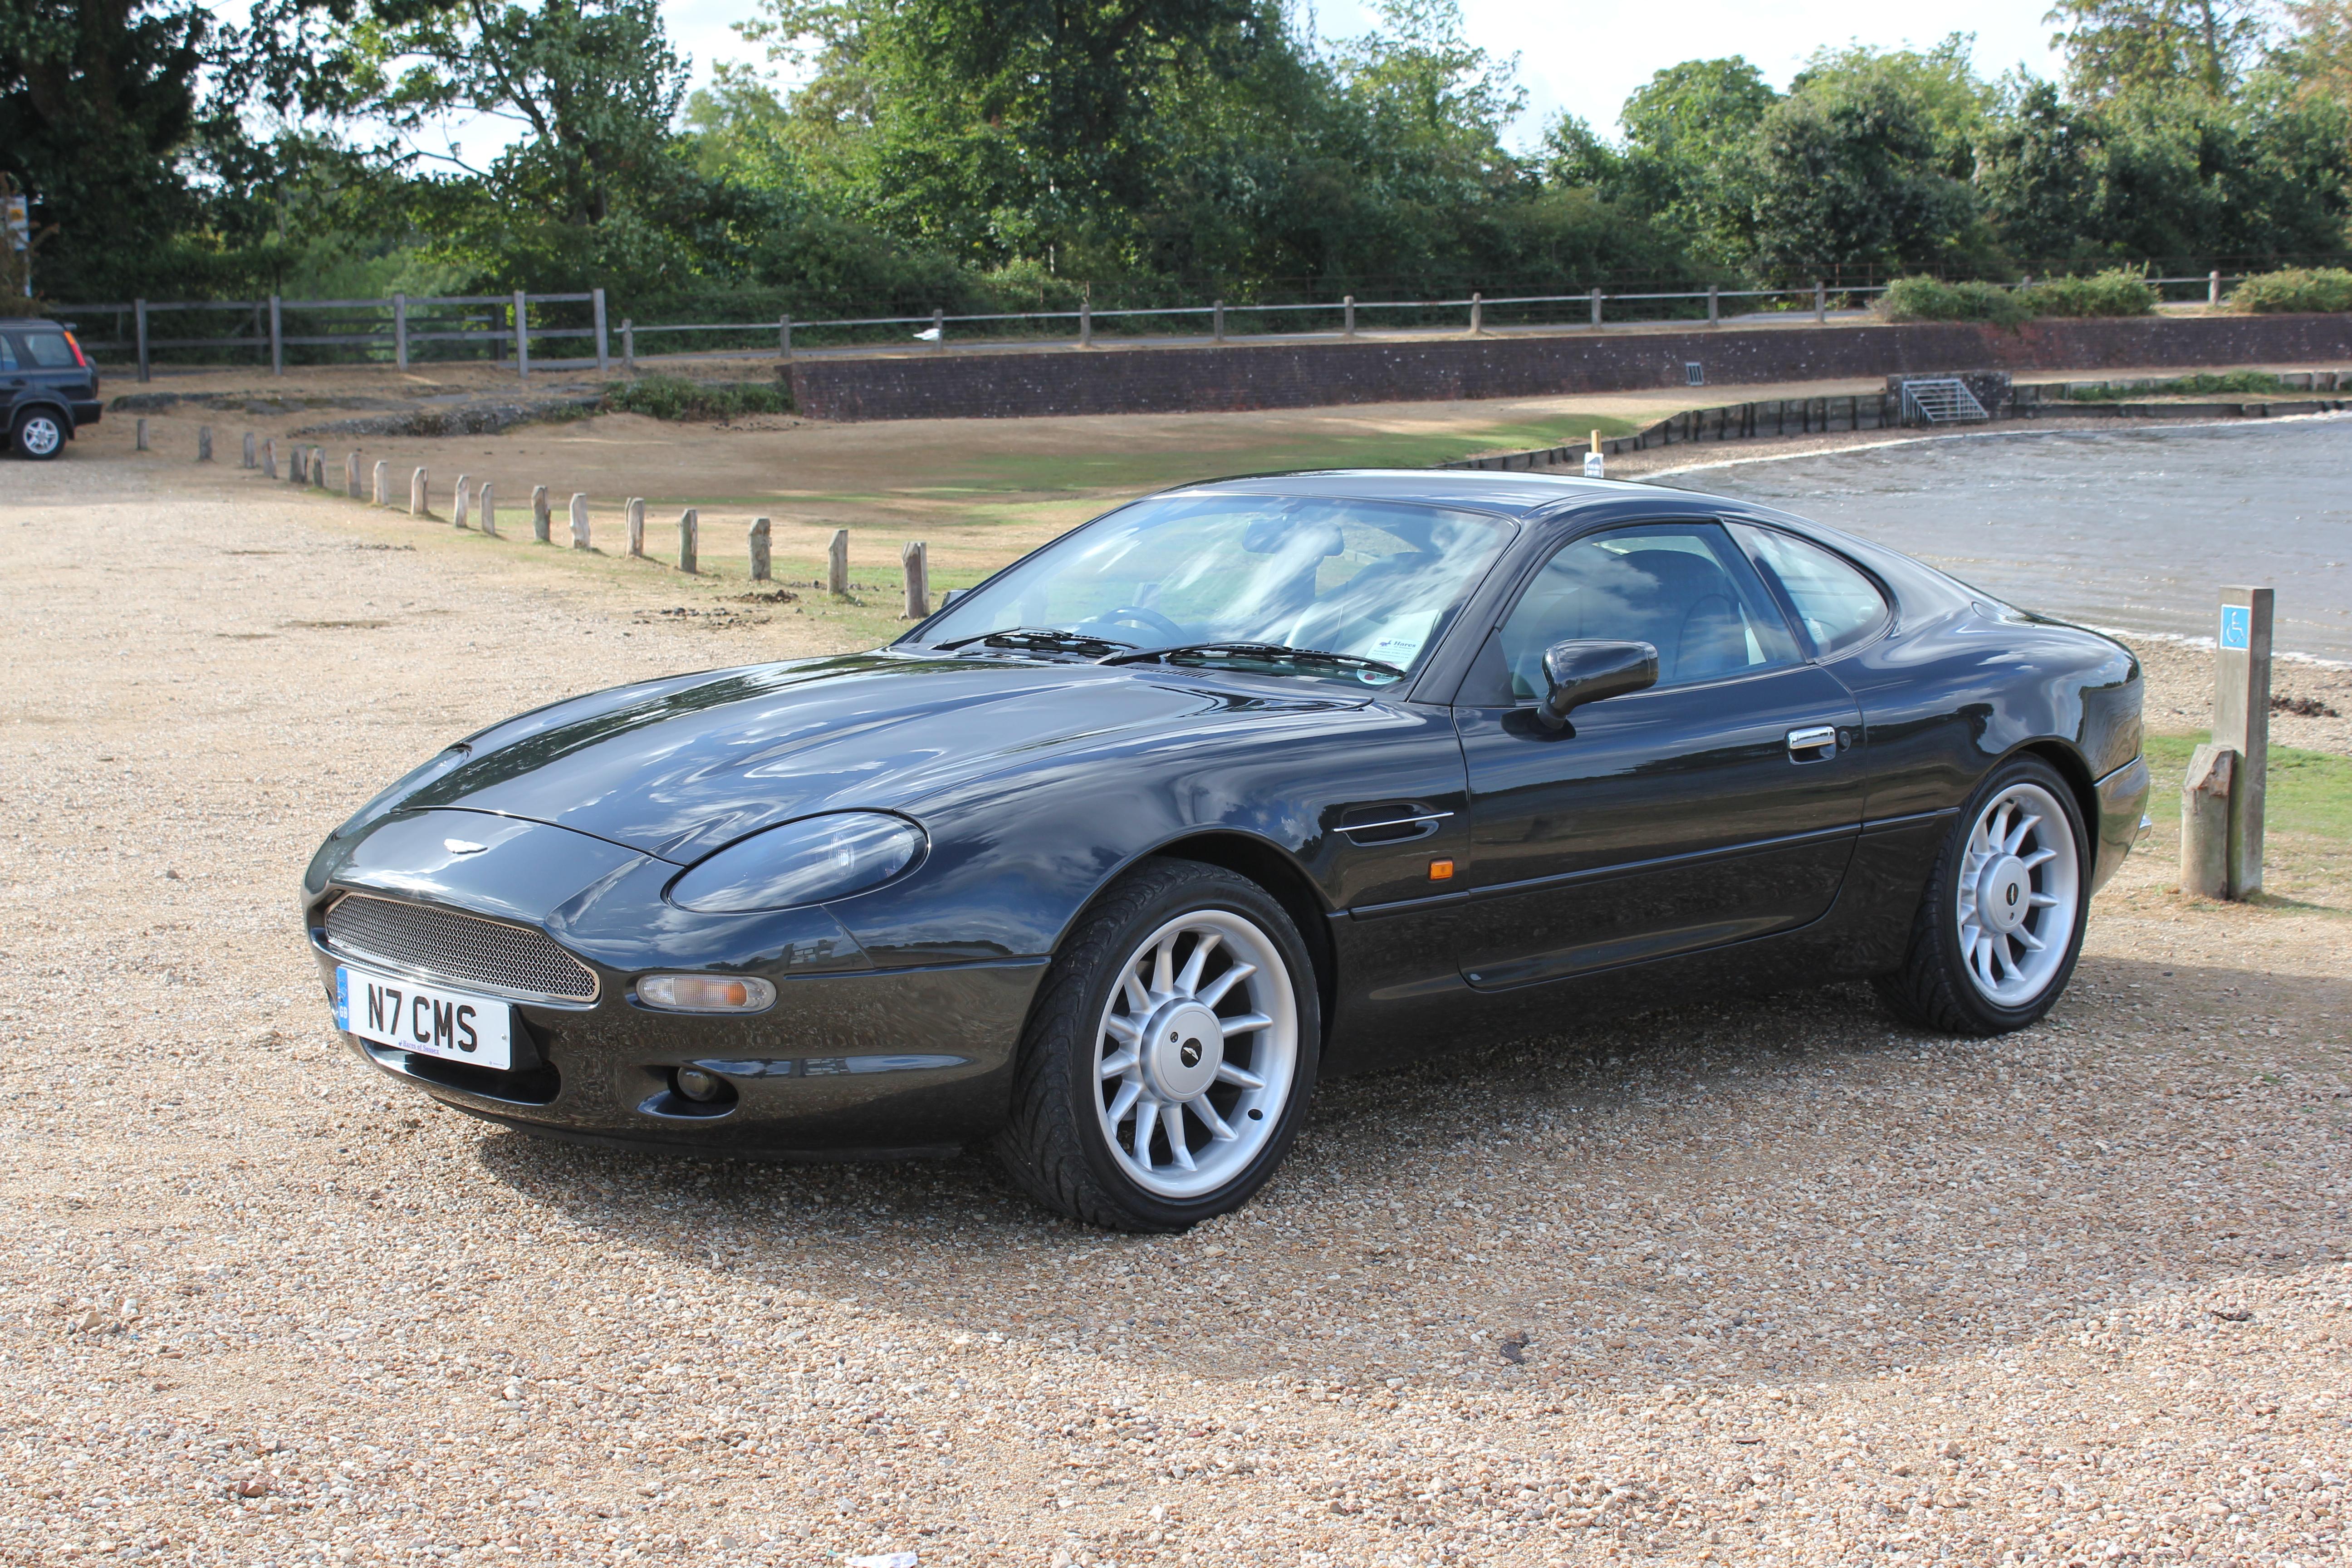 Beaulieu Garage 1995 Aston Martin Db7 Coupe